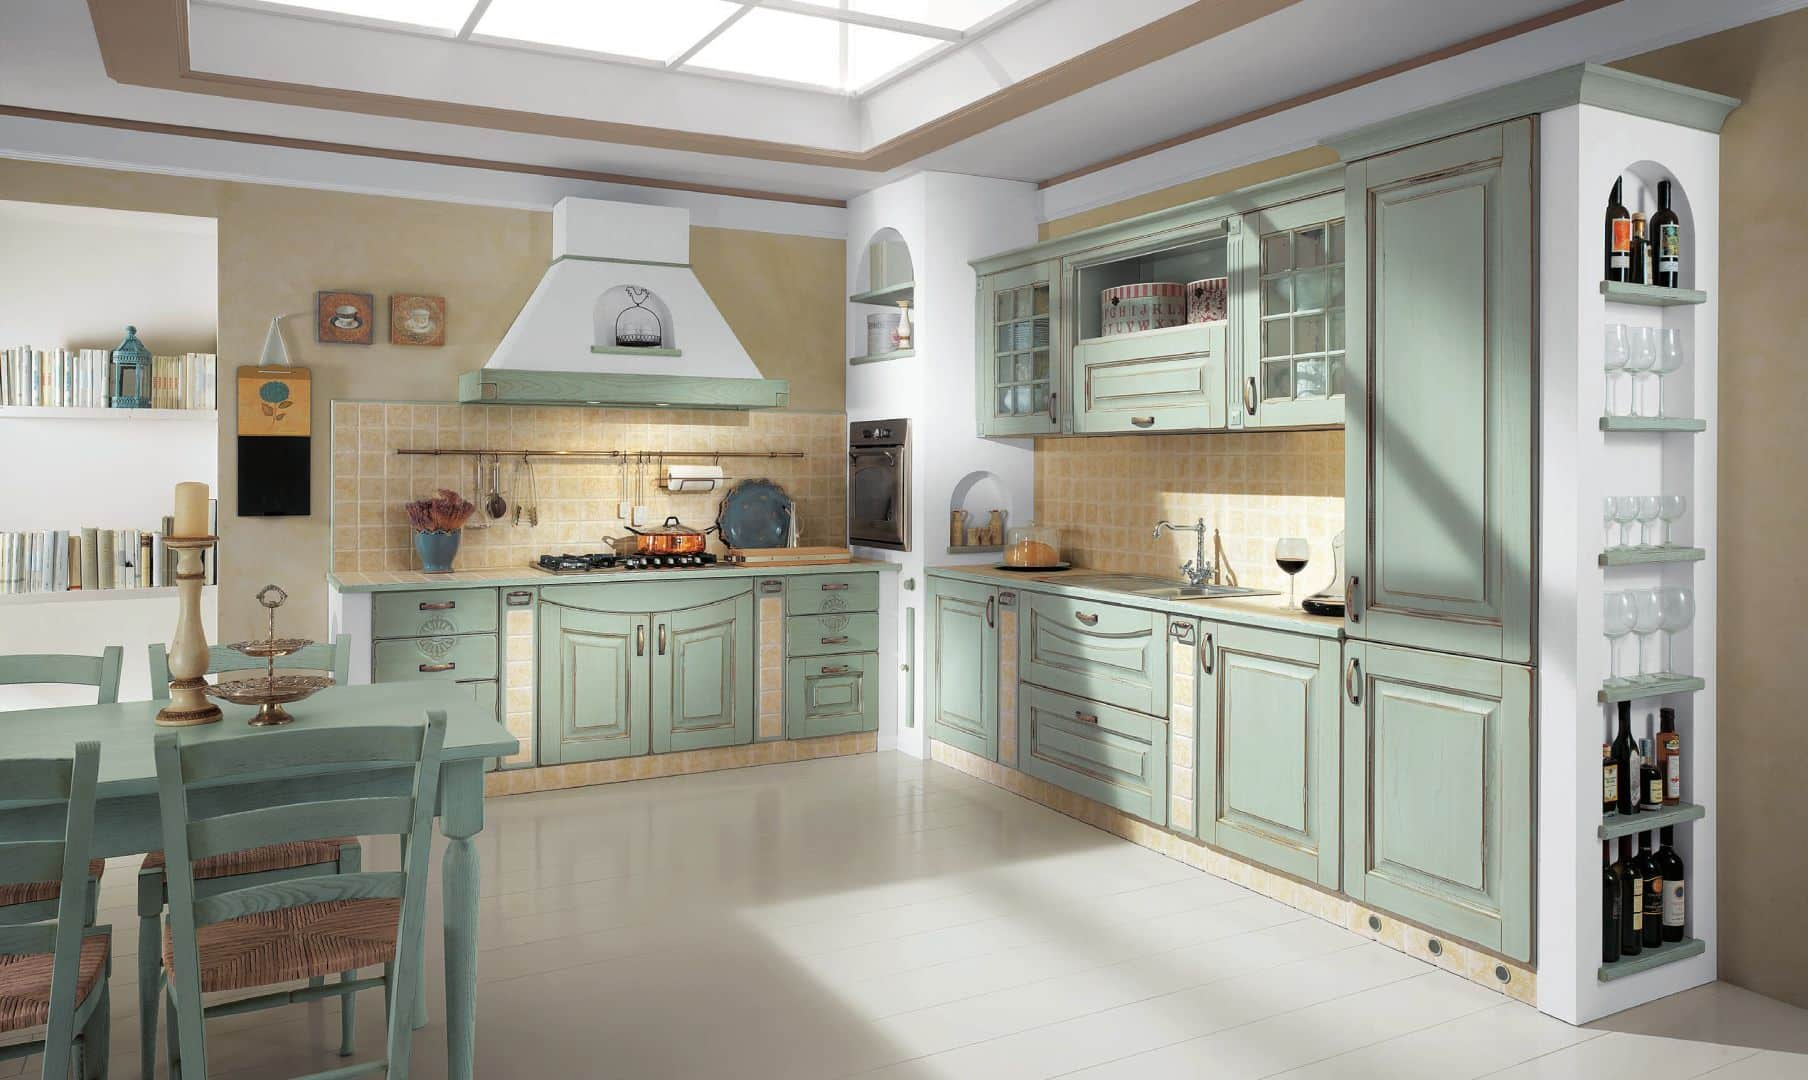 Κουζινα κλασσικη με πατινα EVA κουζινα μασιφ θαλασσί με μπεζ πατίνα